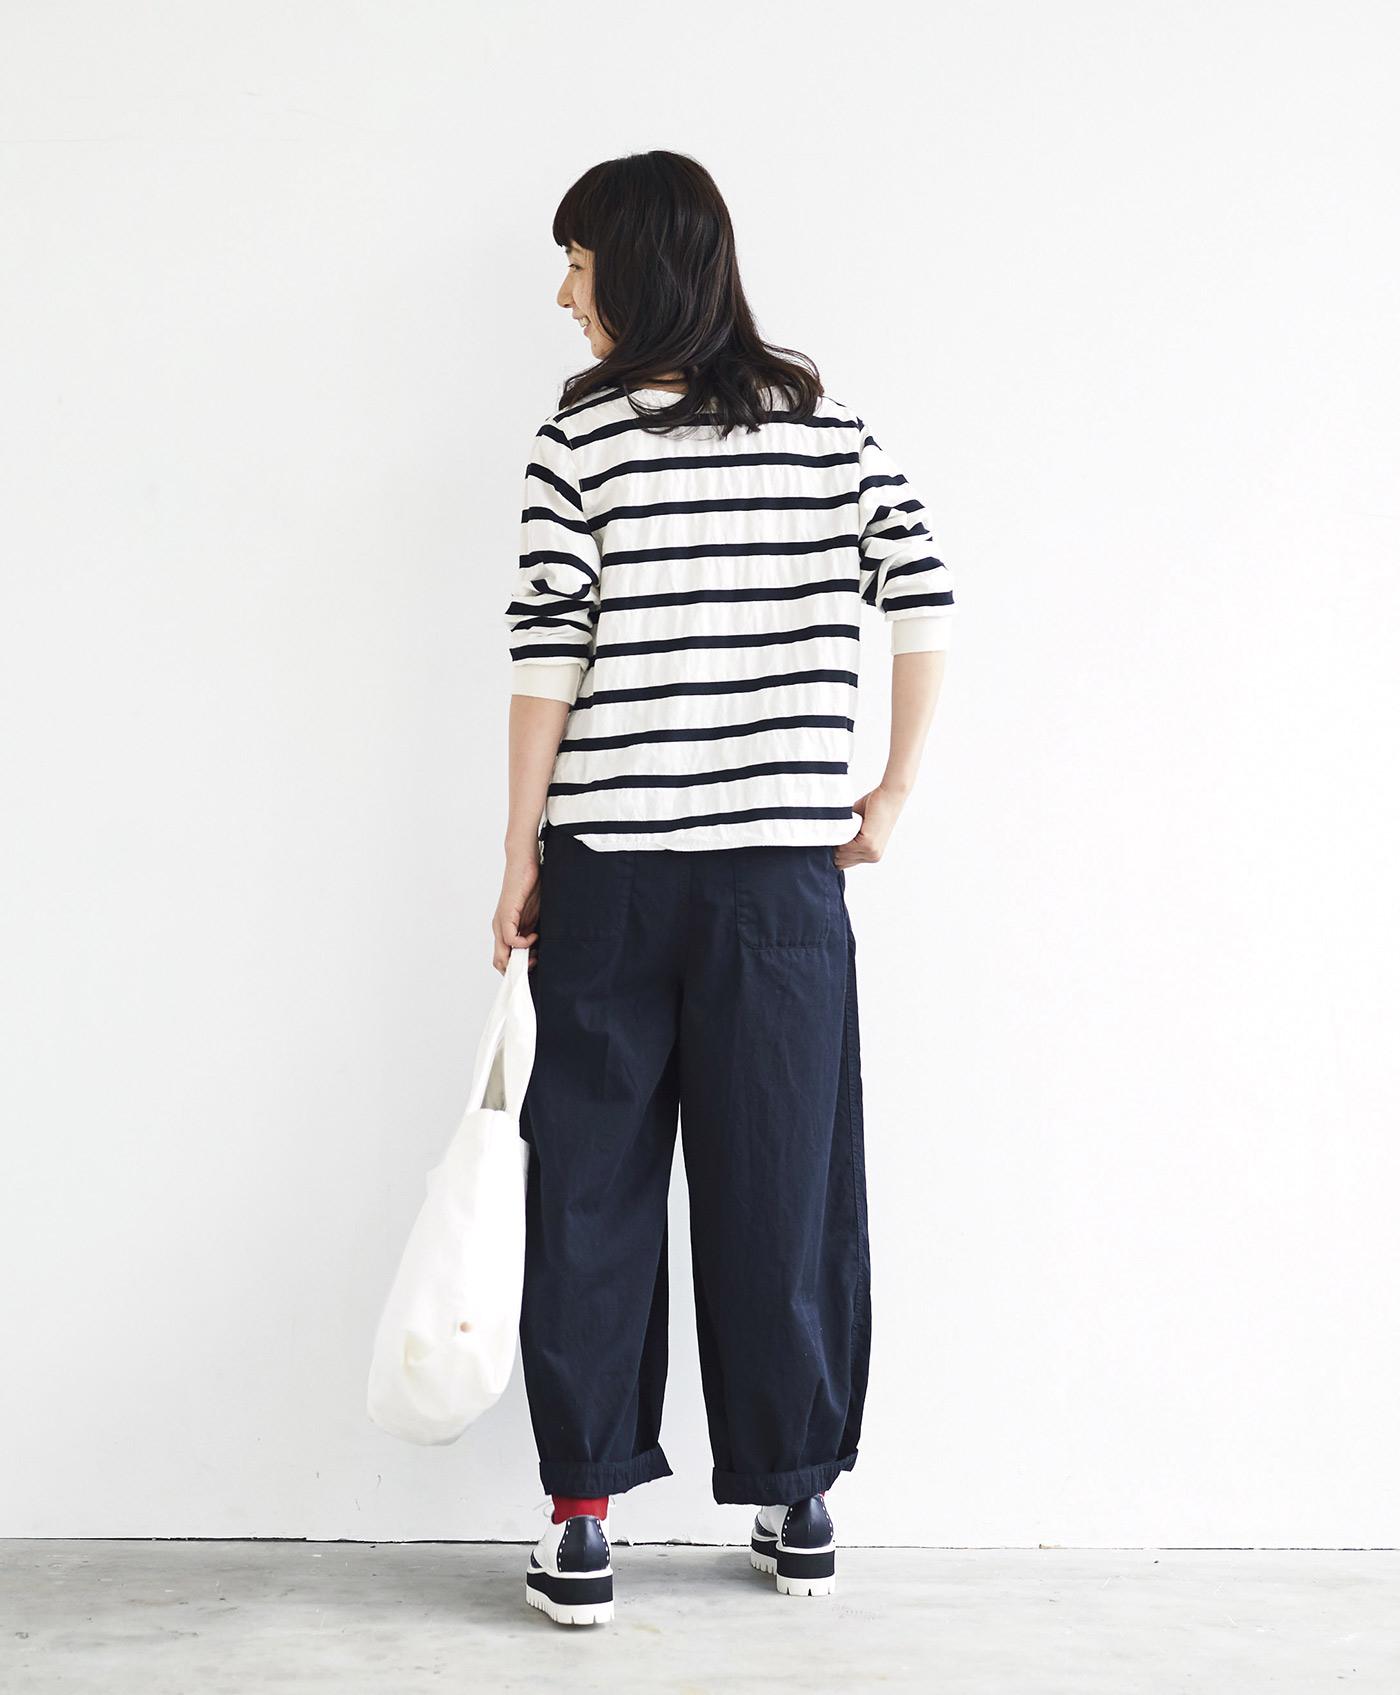 サニークラウズ 変わり織りボーダーTシャツ<レディース>白